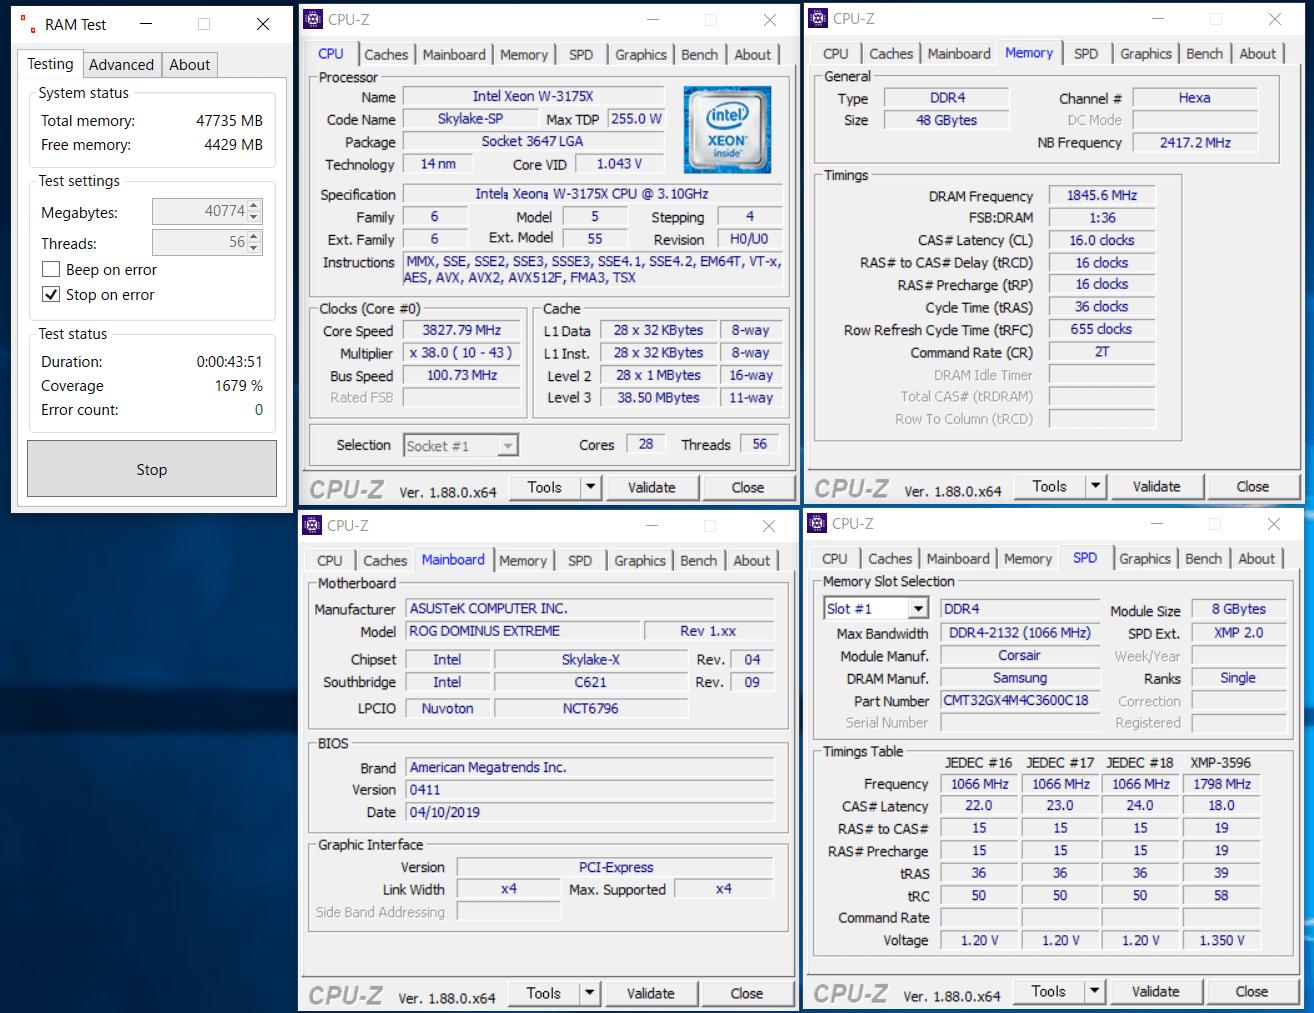 Intel Xeon W-3175X_CMT32GX4M4C3600C18_OC